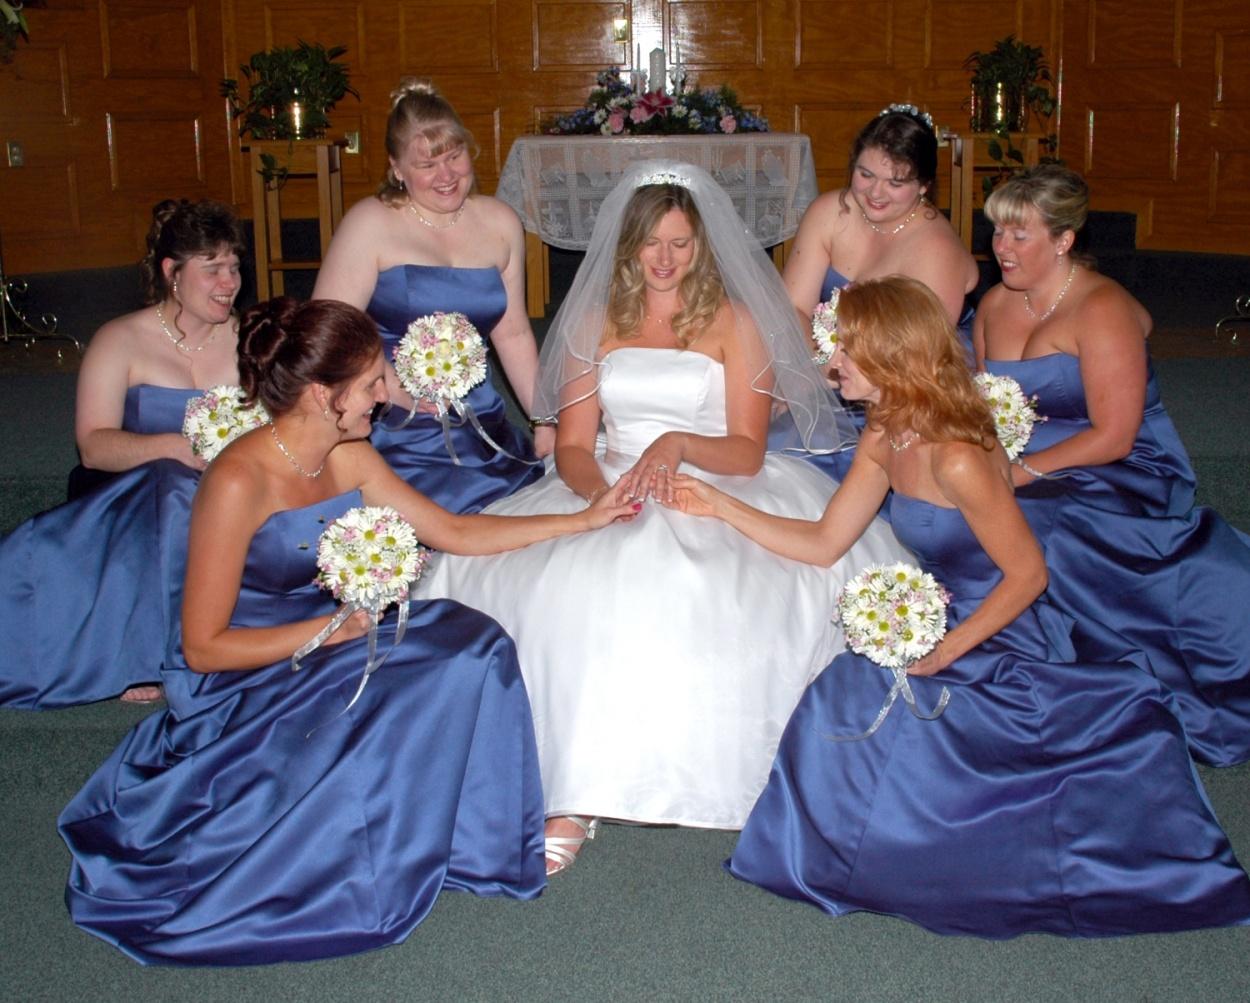 8x10-bride-with-bridesmaids-ring-e1469046696984